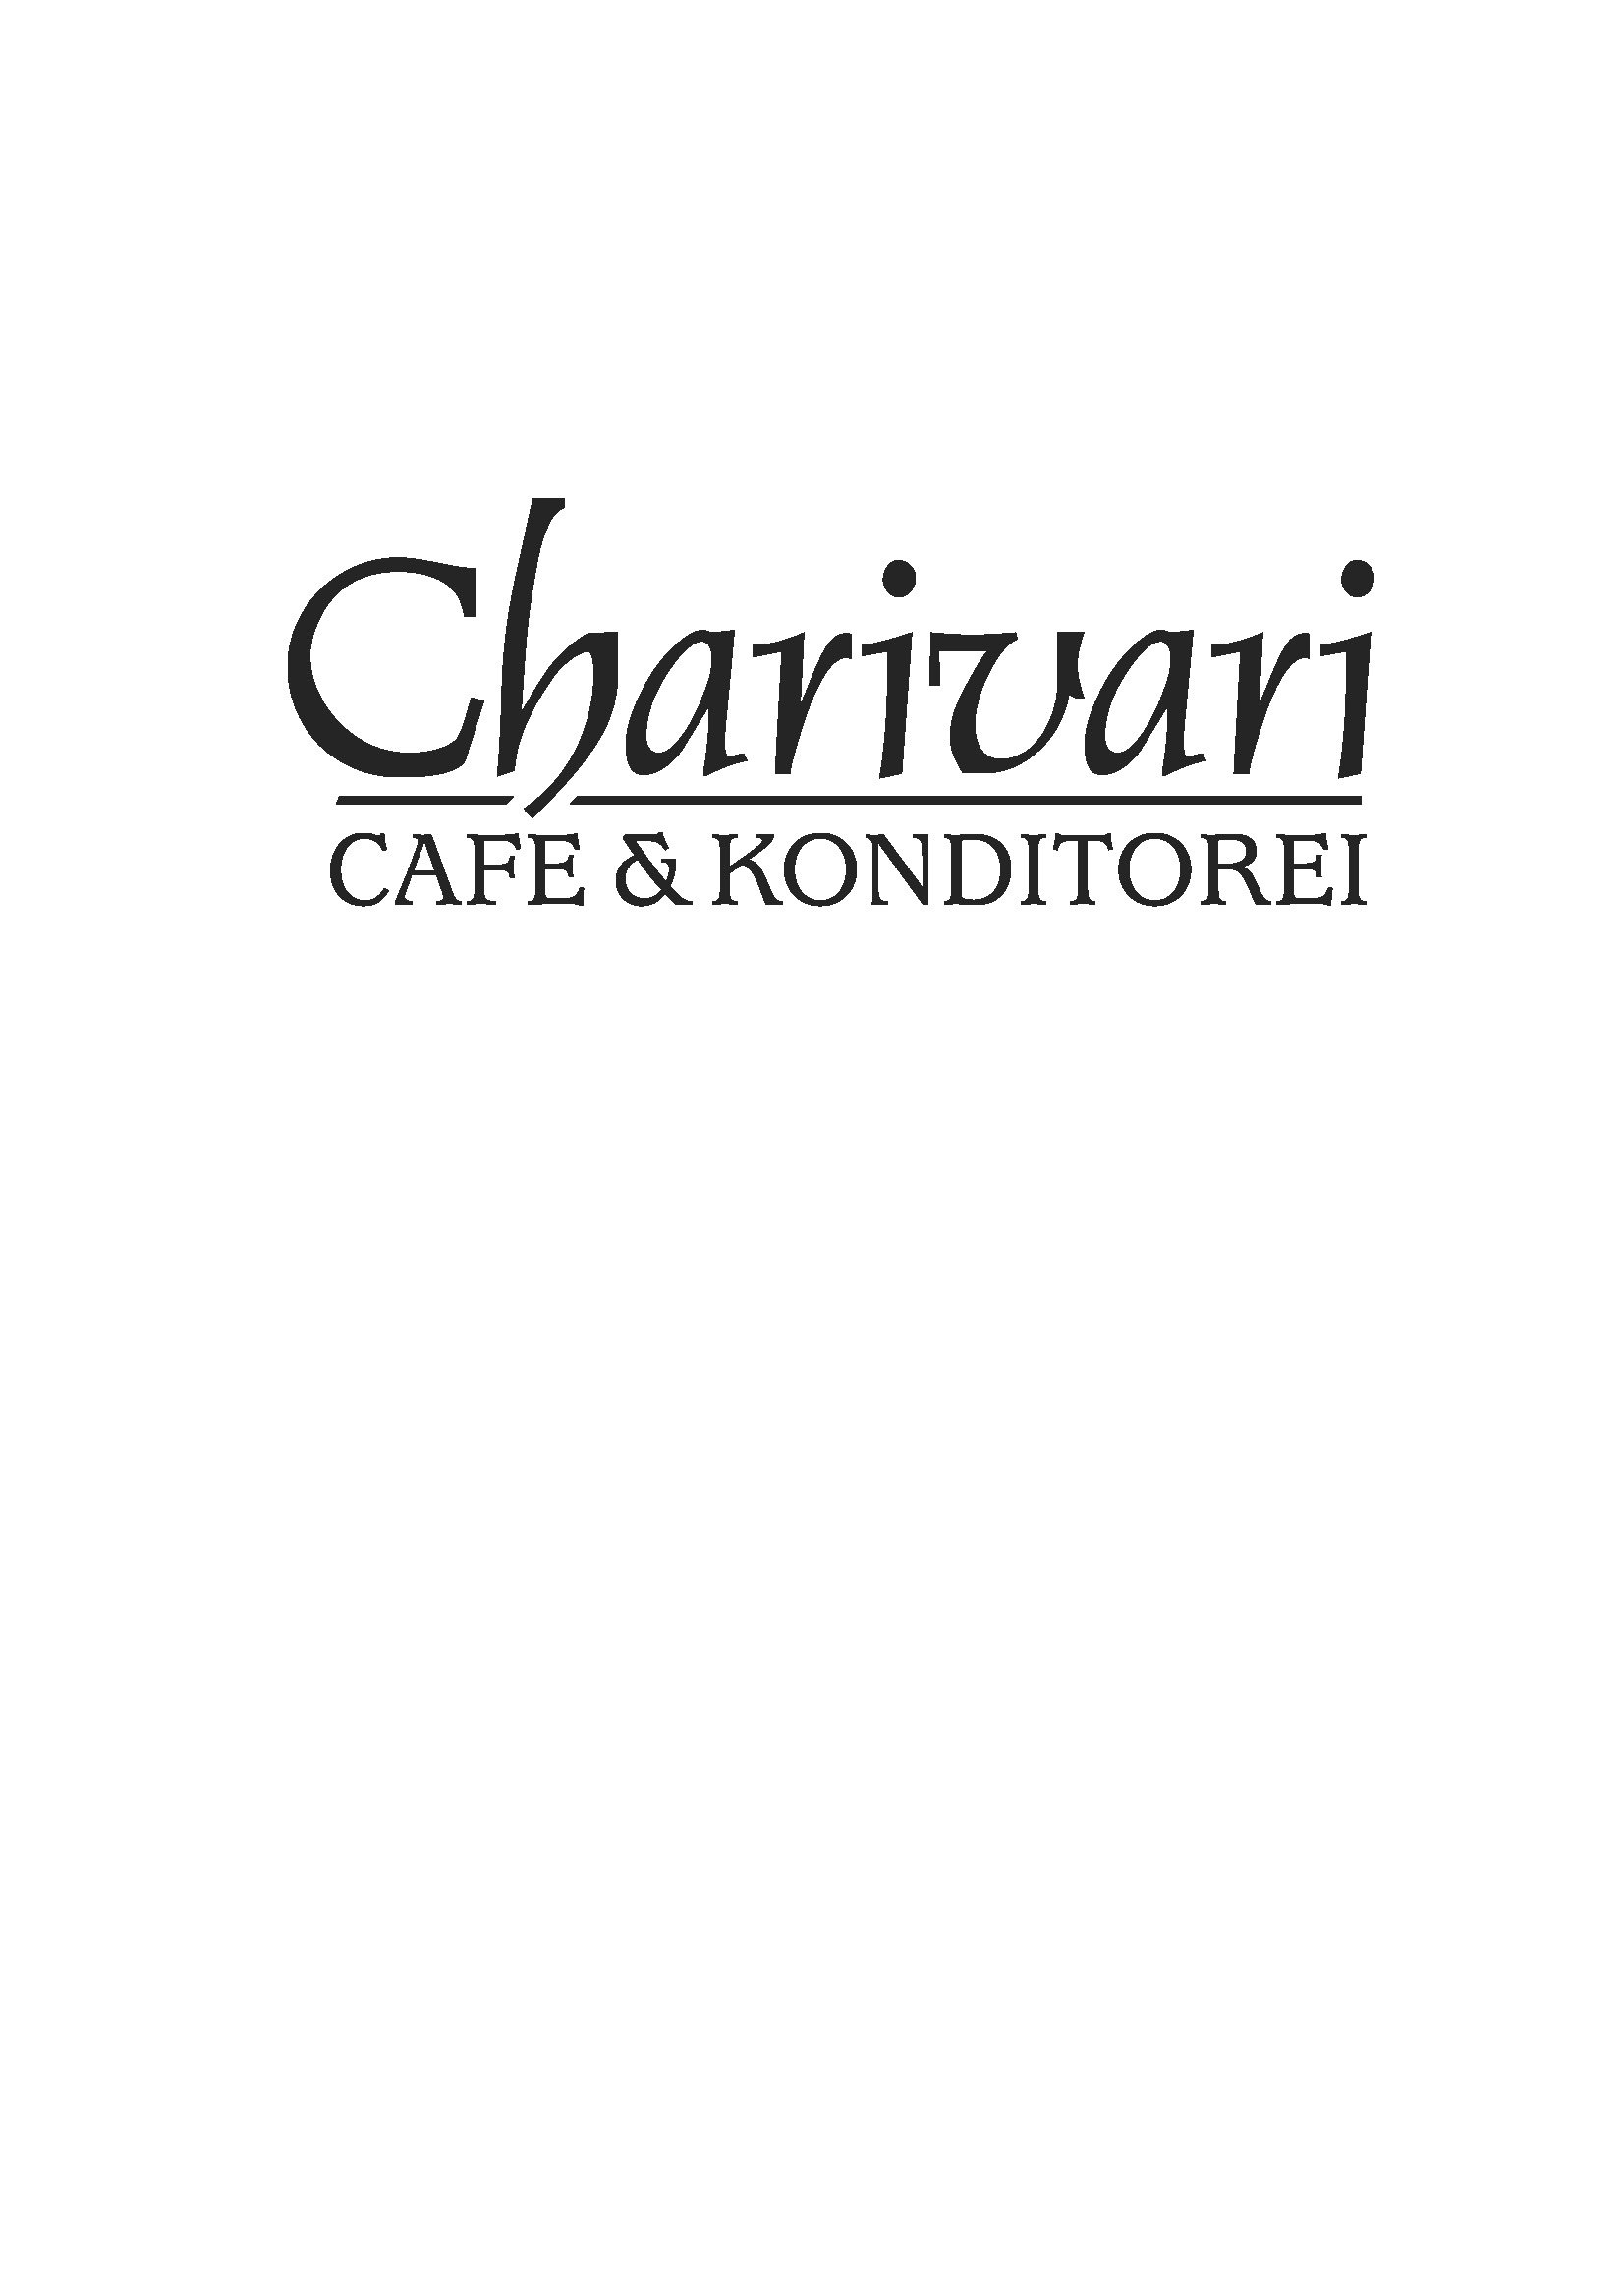 20170616_Charivari_logo_1c